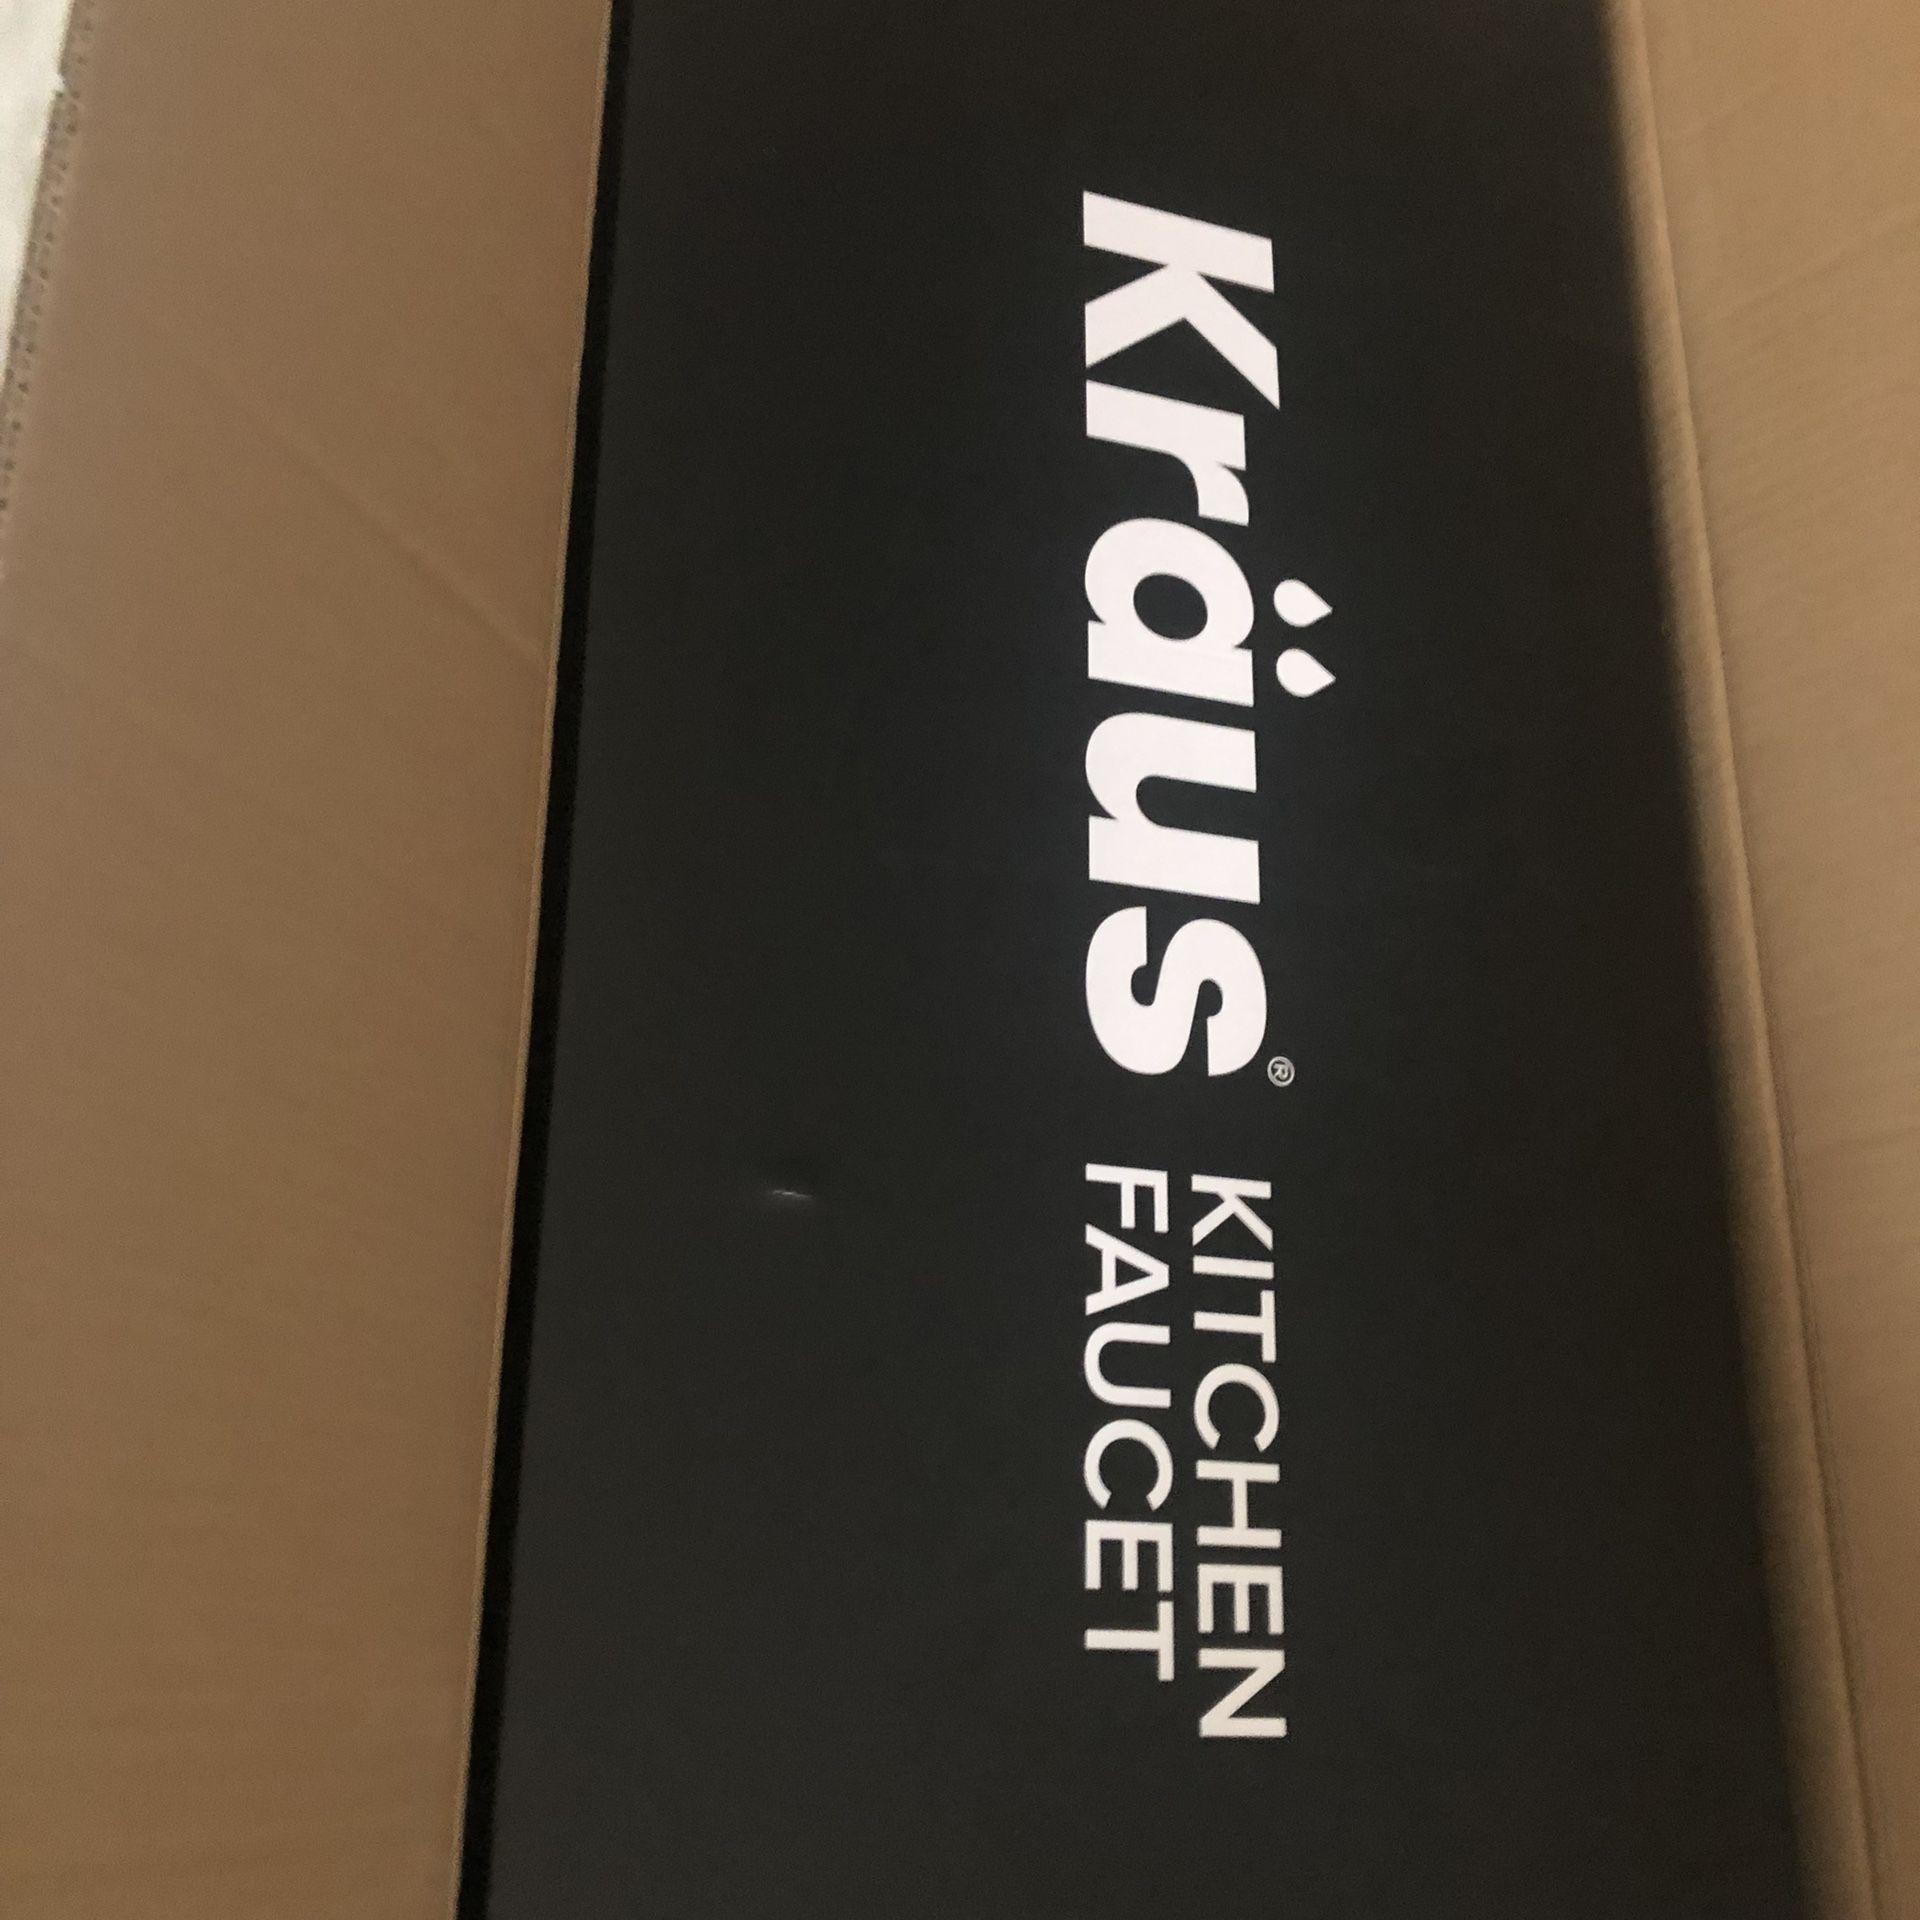 Krause Brushed Metal Kitchen Faucet